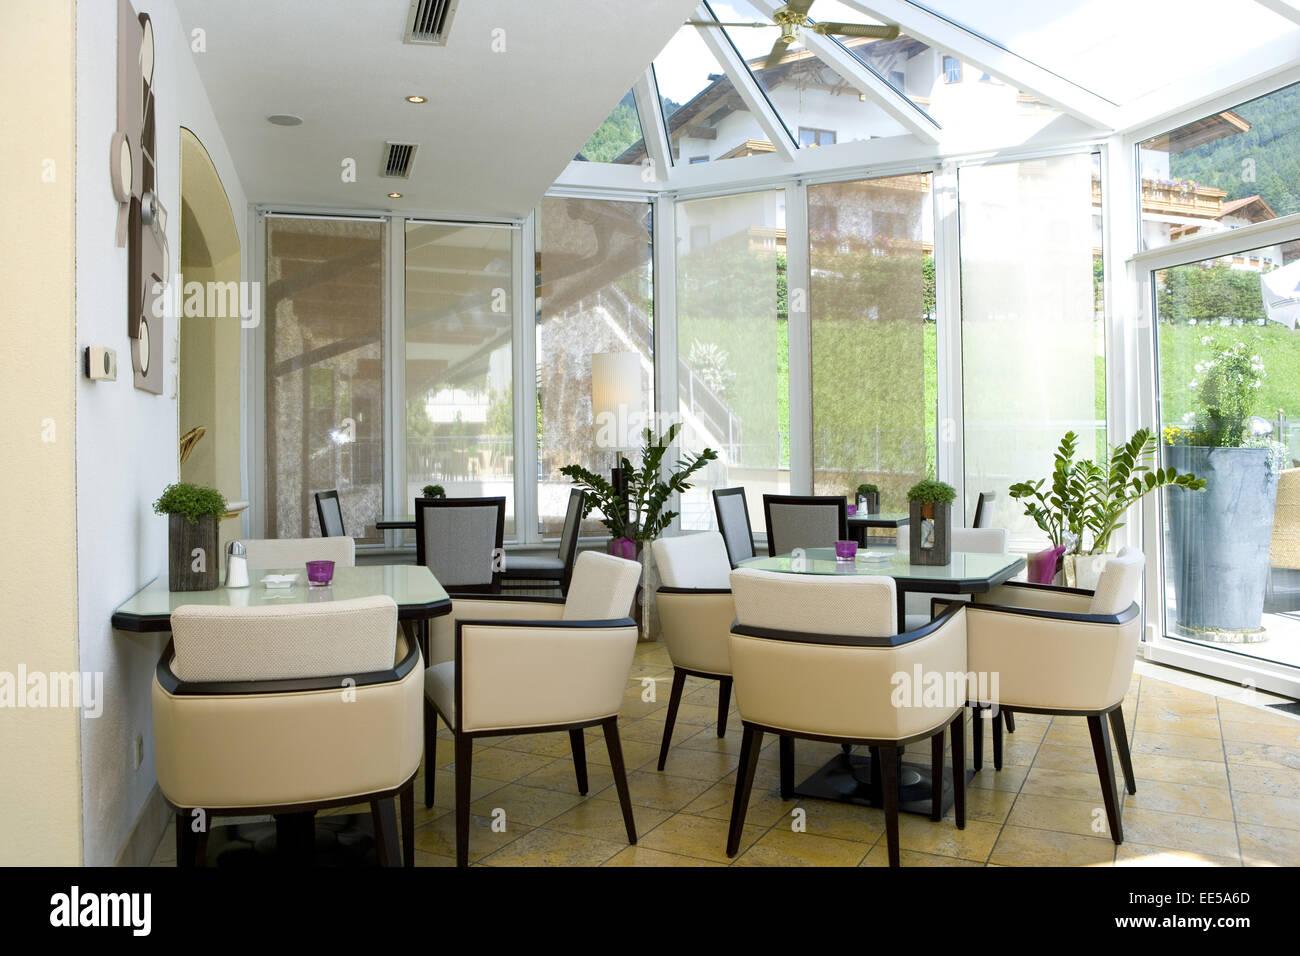 Bar, Bistro, Cafe, Wintergarten, Fenster, Innenaufnahme, Restaurant, Ruhetag, Stuehle, Tische, geschlossen, hell, - Stock Image